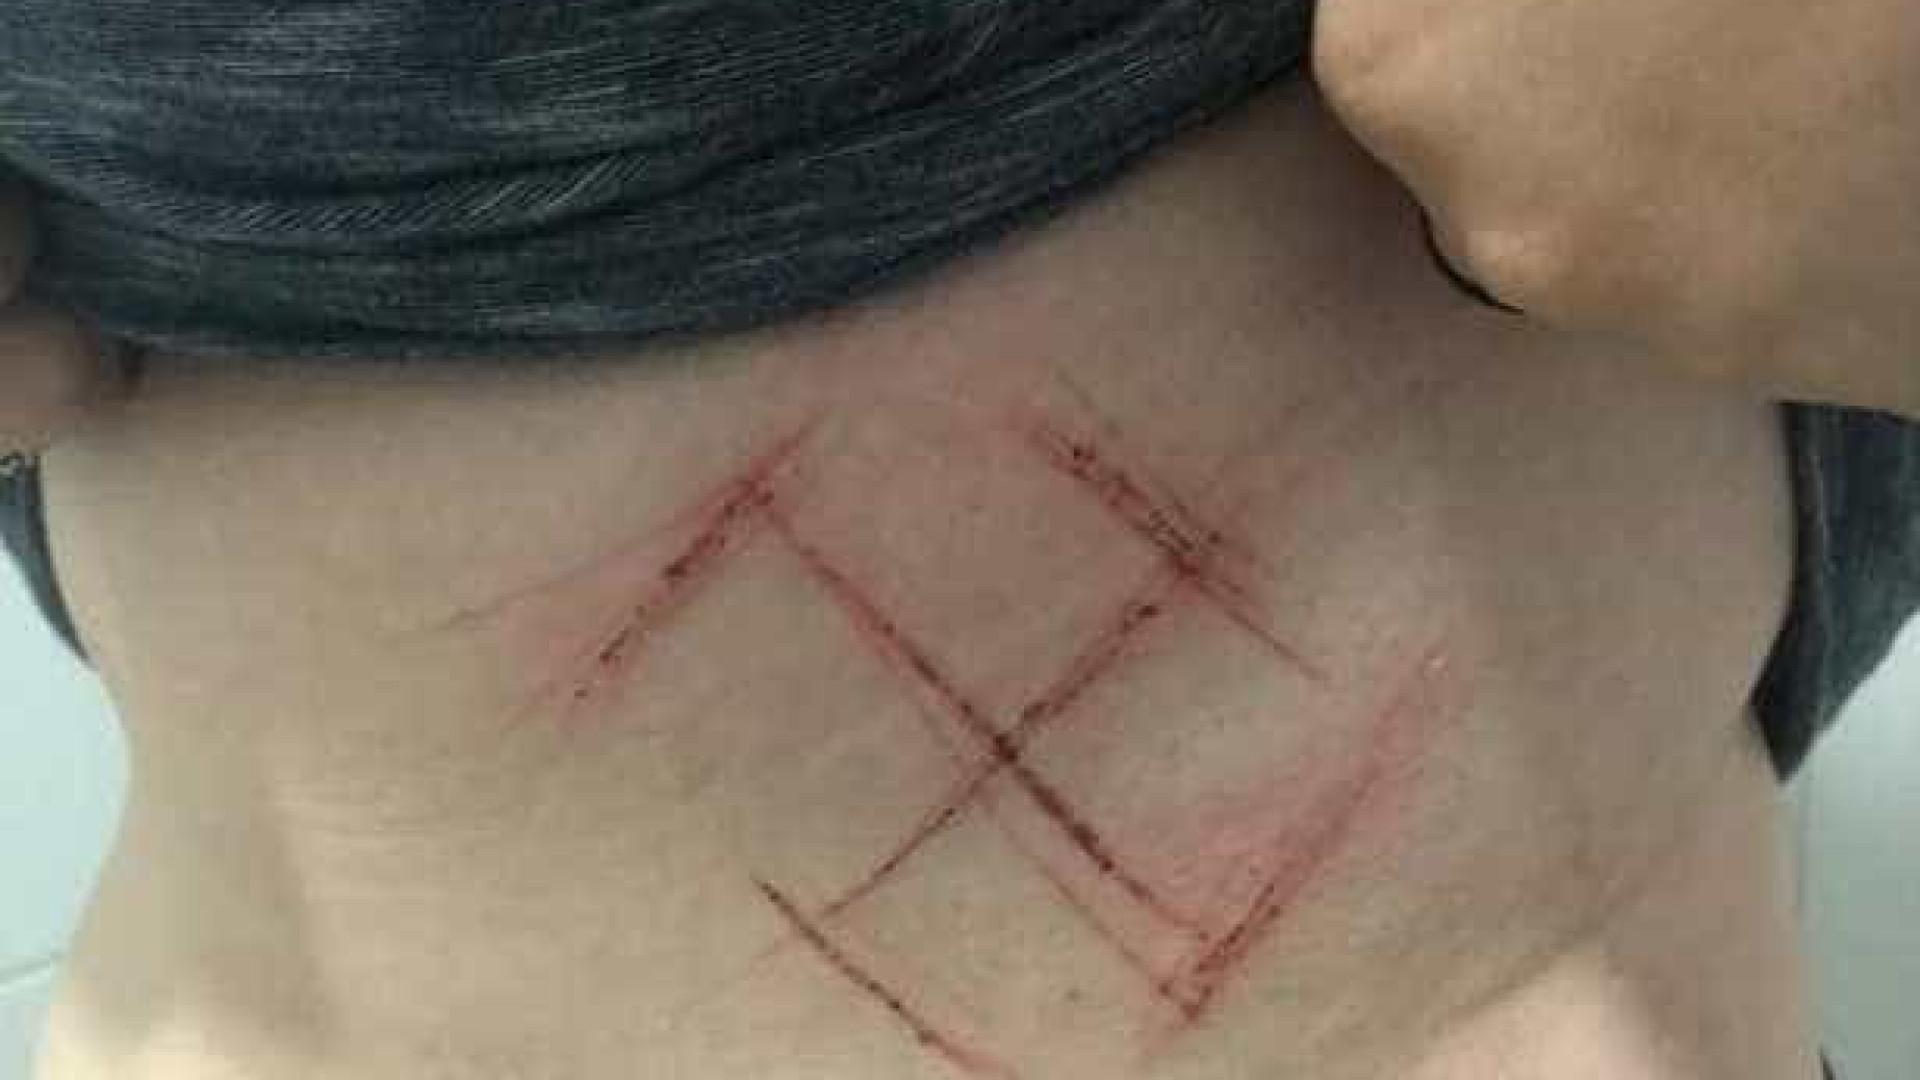 Polícia investiga agressão contra jovem que foi marcada com suástica